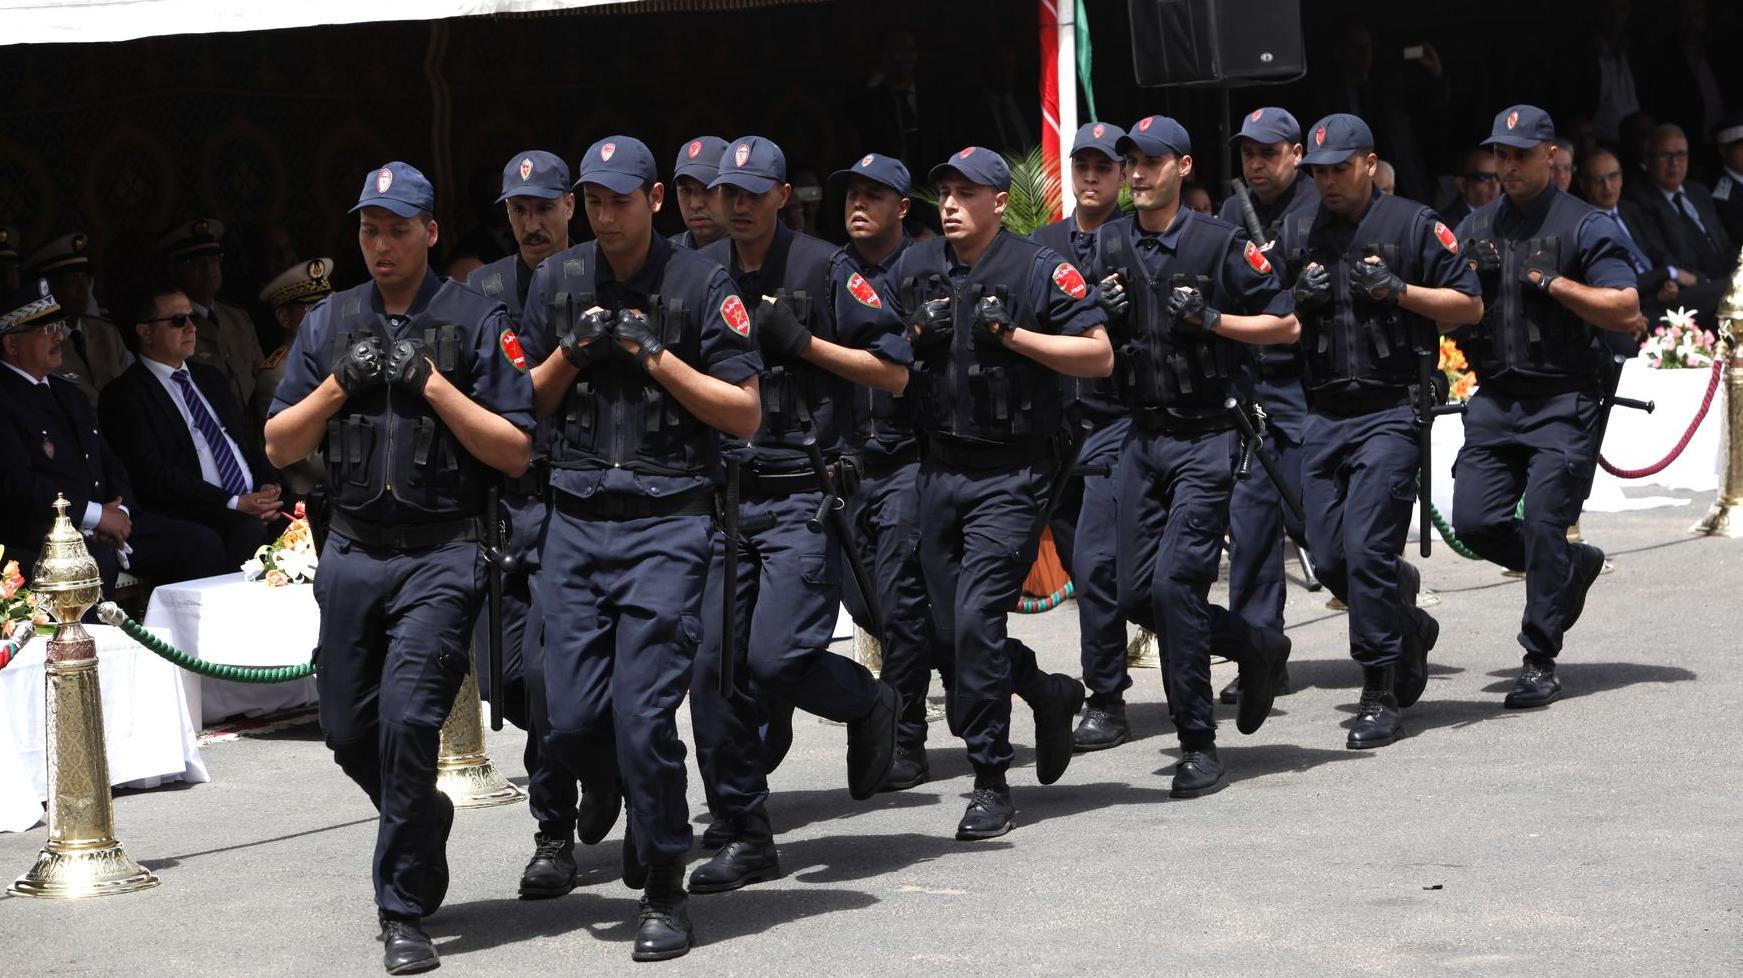 صور رائعة للشرطة المغربية 2014 Police14